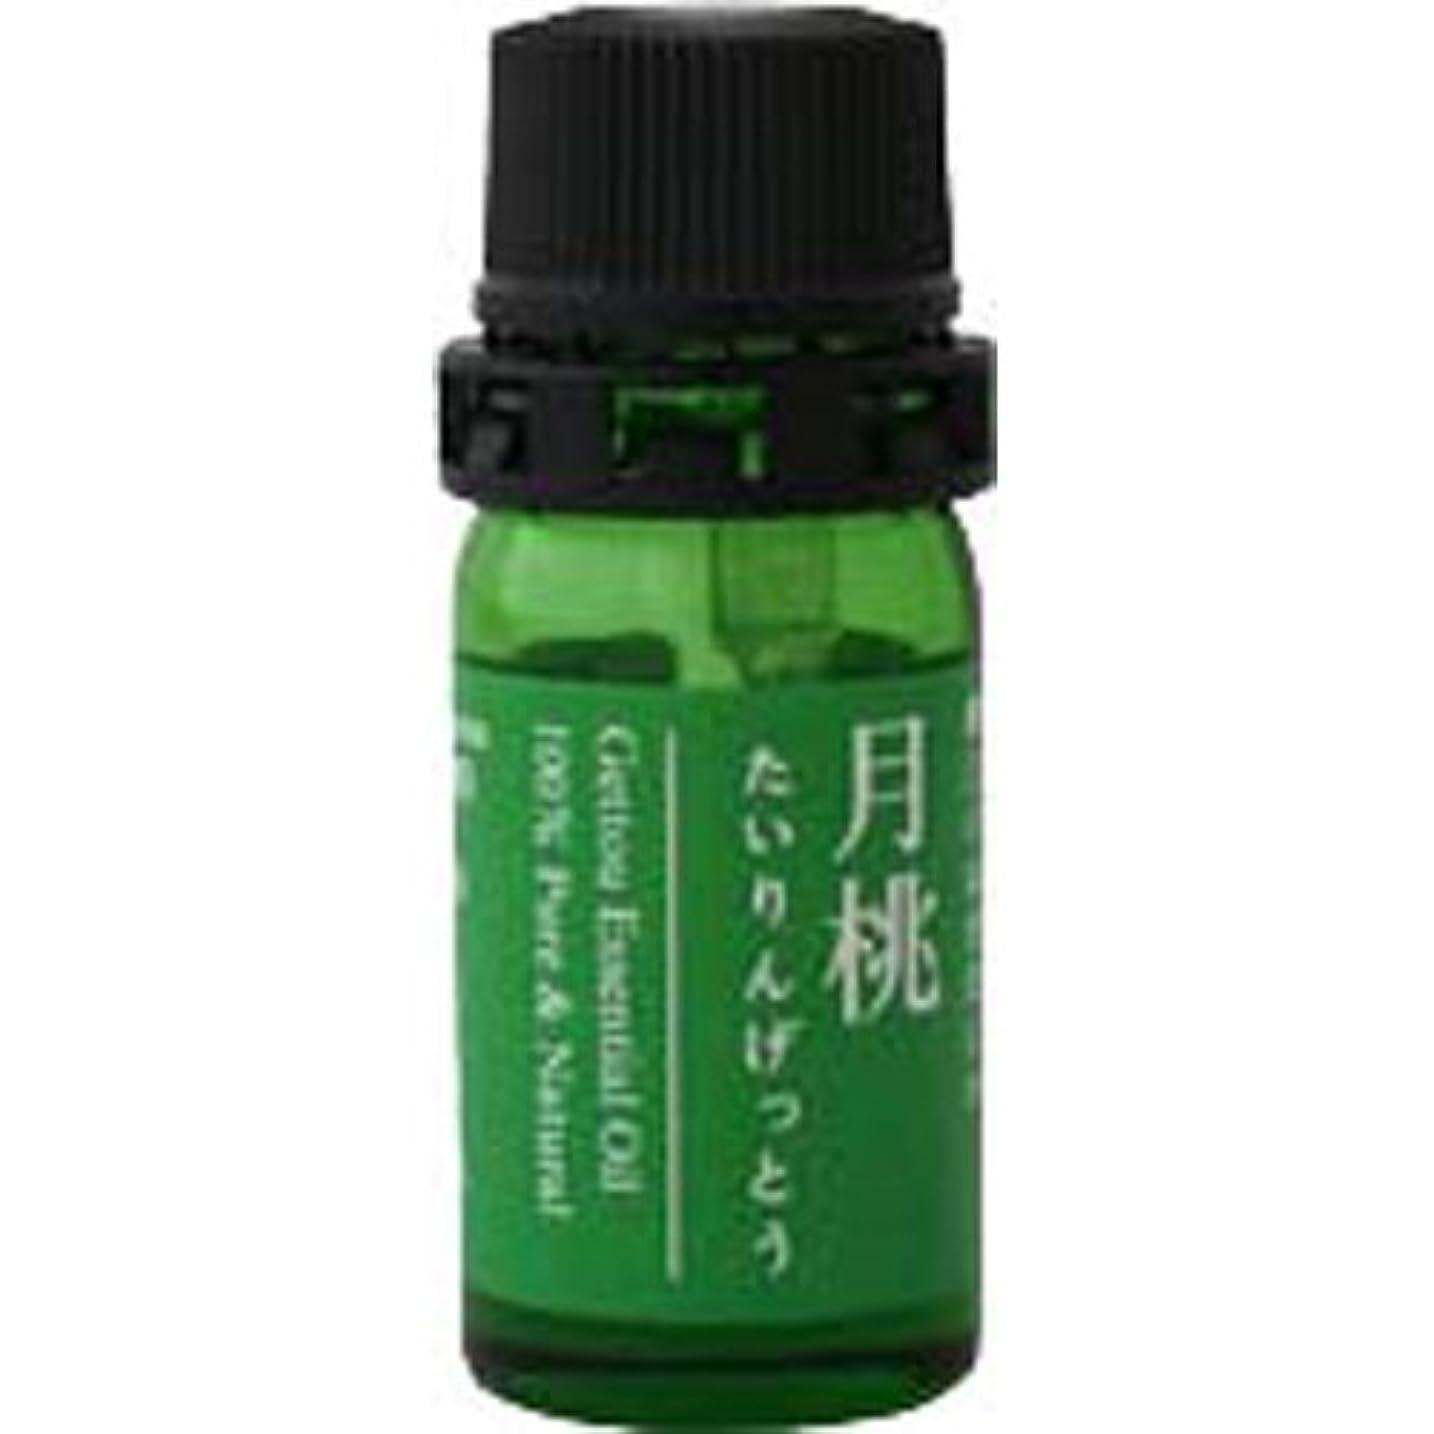 最終作り説得月桃 エッセンシャルオイル (タイリン) 2.5ml